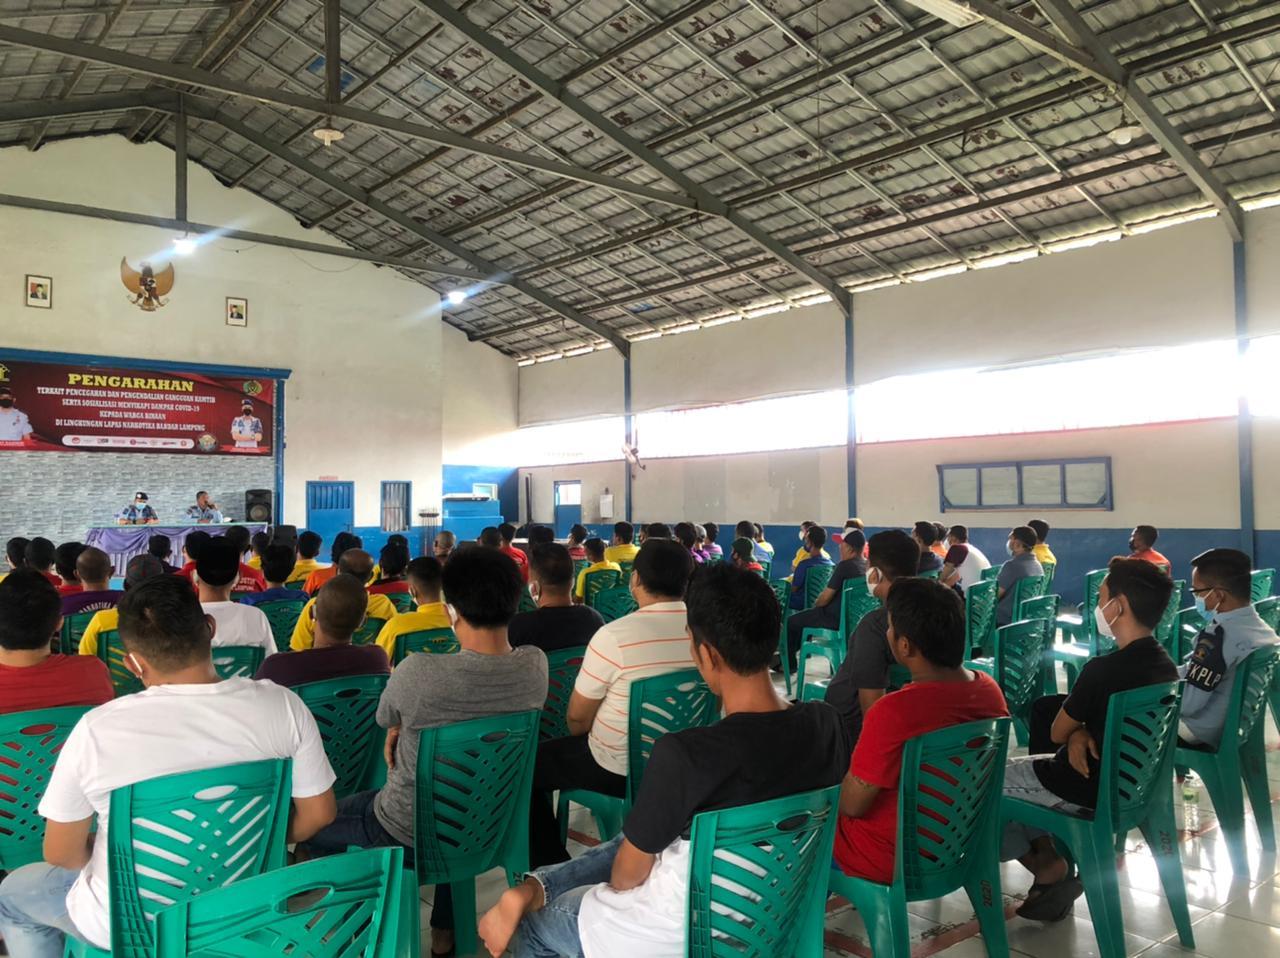 Lapas Kelas IIA Narkotika Bandar Lampung , Laksanakan Sosialisasi Pencegahan Ganguan Kantib Dan Pencegahan Covid 19 kepada Warga Binaan